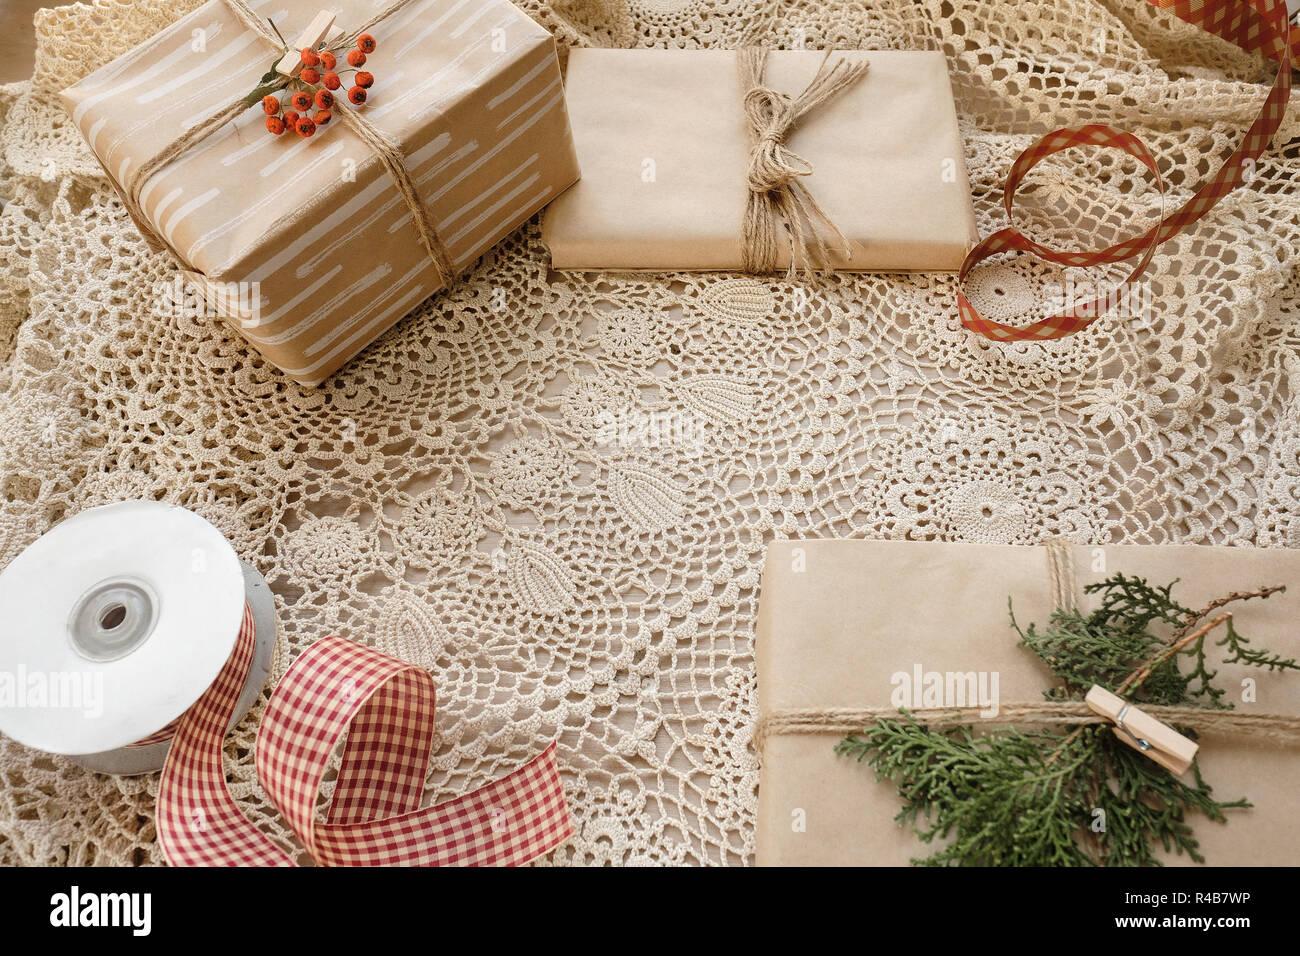 Edle Weihnachtsgeschenke.Edle Weihnachtsbaum Geschenke Box Präsentiert Auf Spitze Tischdecke